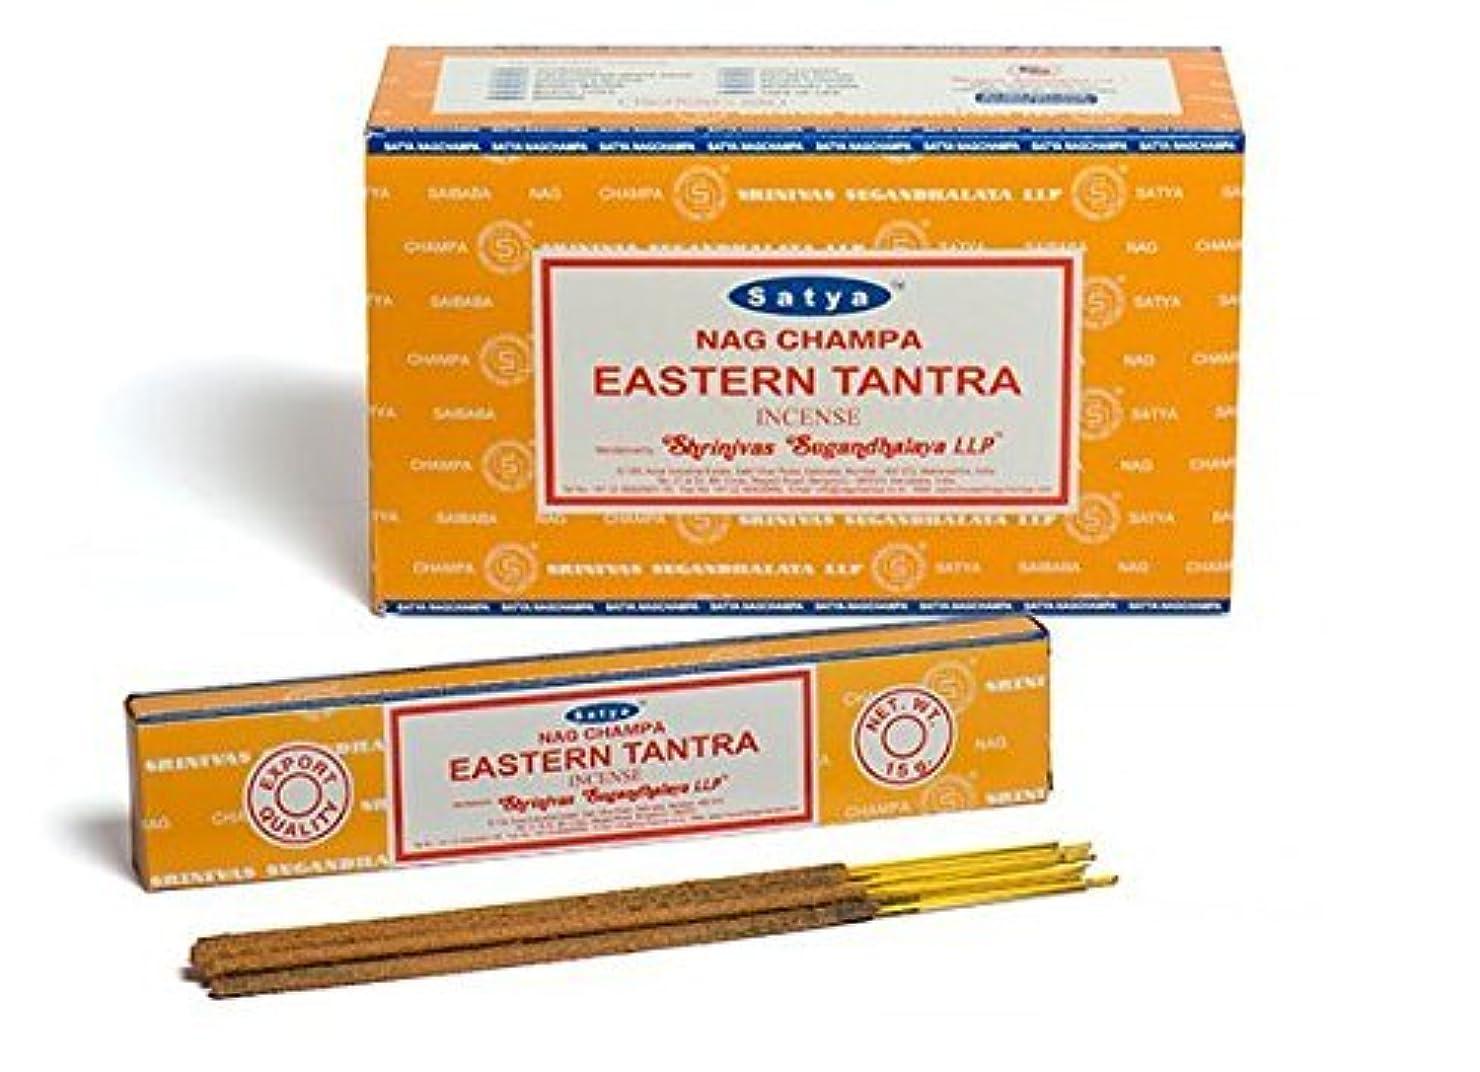 スキニー誰か買い物に行くBuycrafty Satya Champa Eastern Tantra Incense Stick,180 Grams Box (15g x 12 Boxes)